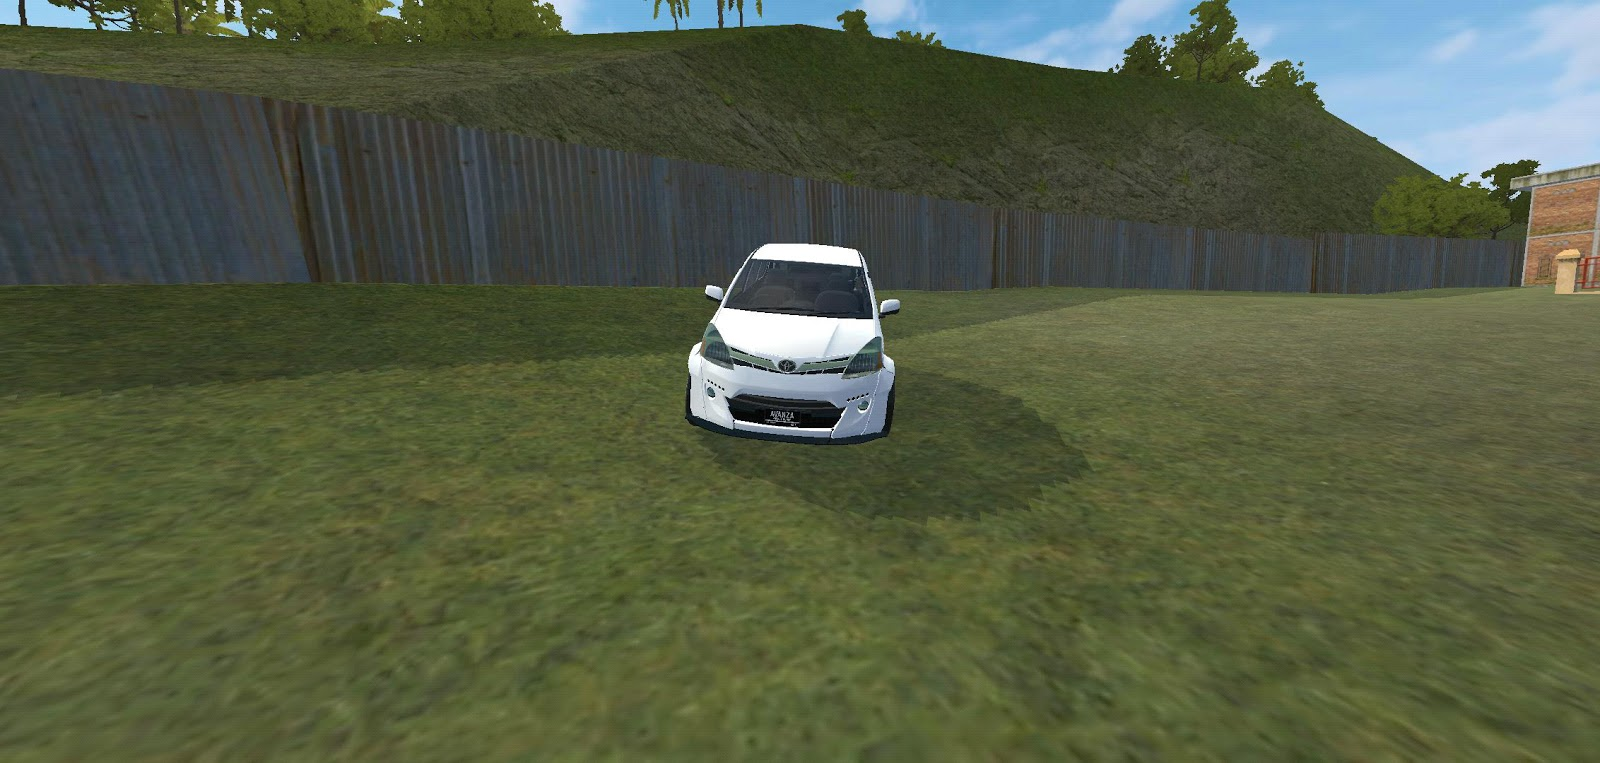 Avanza Rocket Bunny Car Mod For Bus Simulator Indonesia Free Download Now Bussid Avanza Rocket